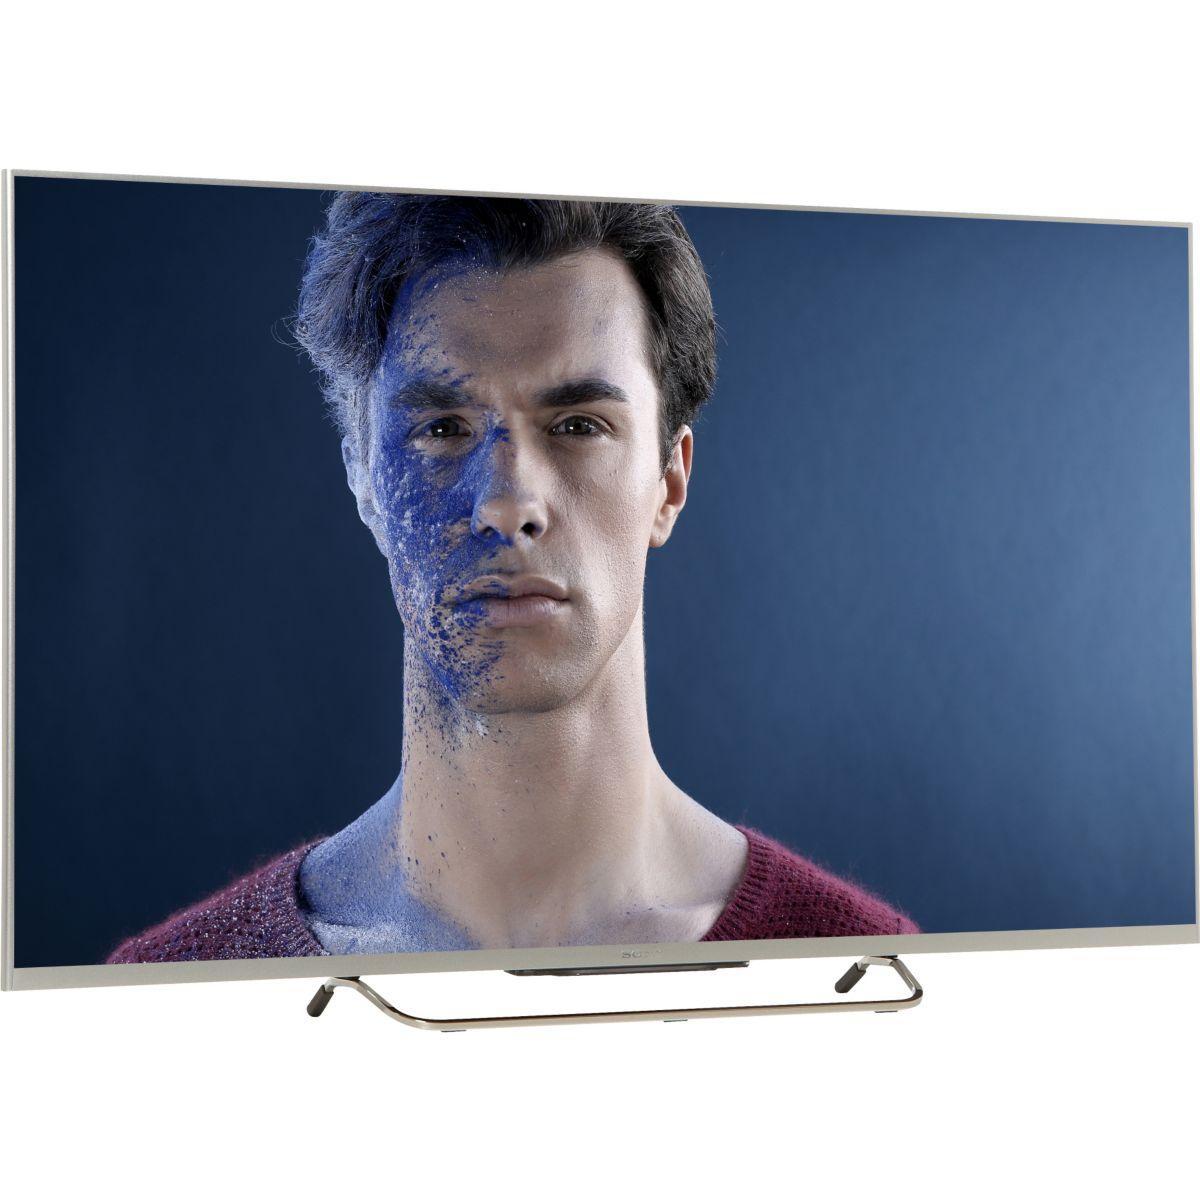 TV SONY KDL50W815 3D smart TV 600 Hz MXR